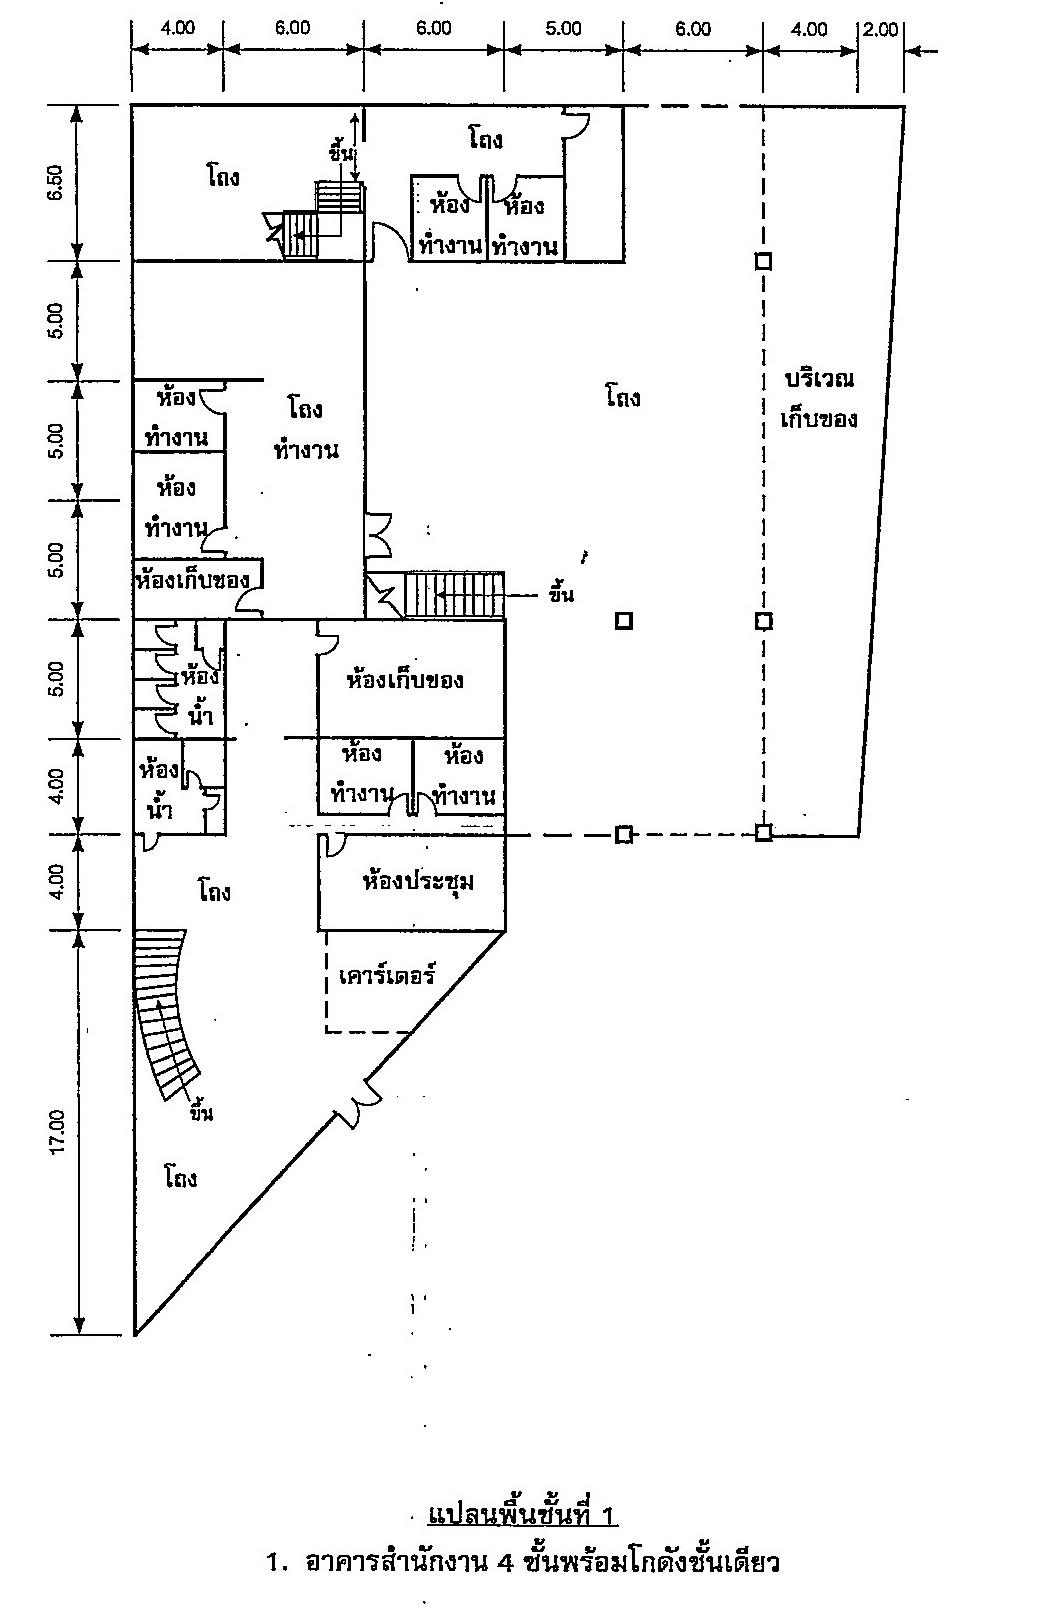 สำนักงานศรีนครินทร์ 4 ชั้น ถนนศรีนครินทร์ ใกล้ถนนตัดใหม่กรุงเทพกรีฑา-วงแหวนตะวันออก บางนาบางปะอิน-ร่มเกล้า